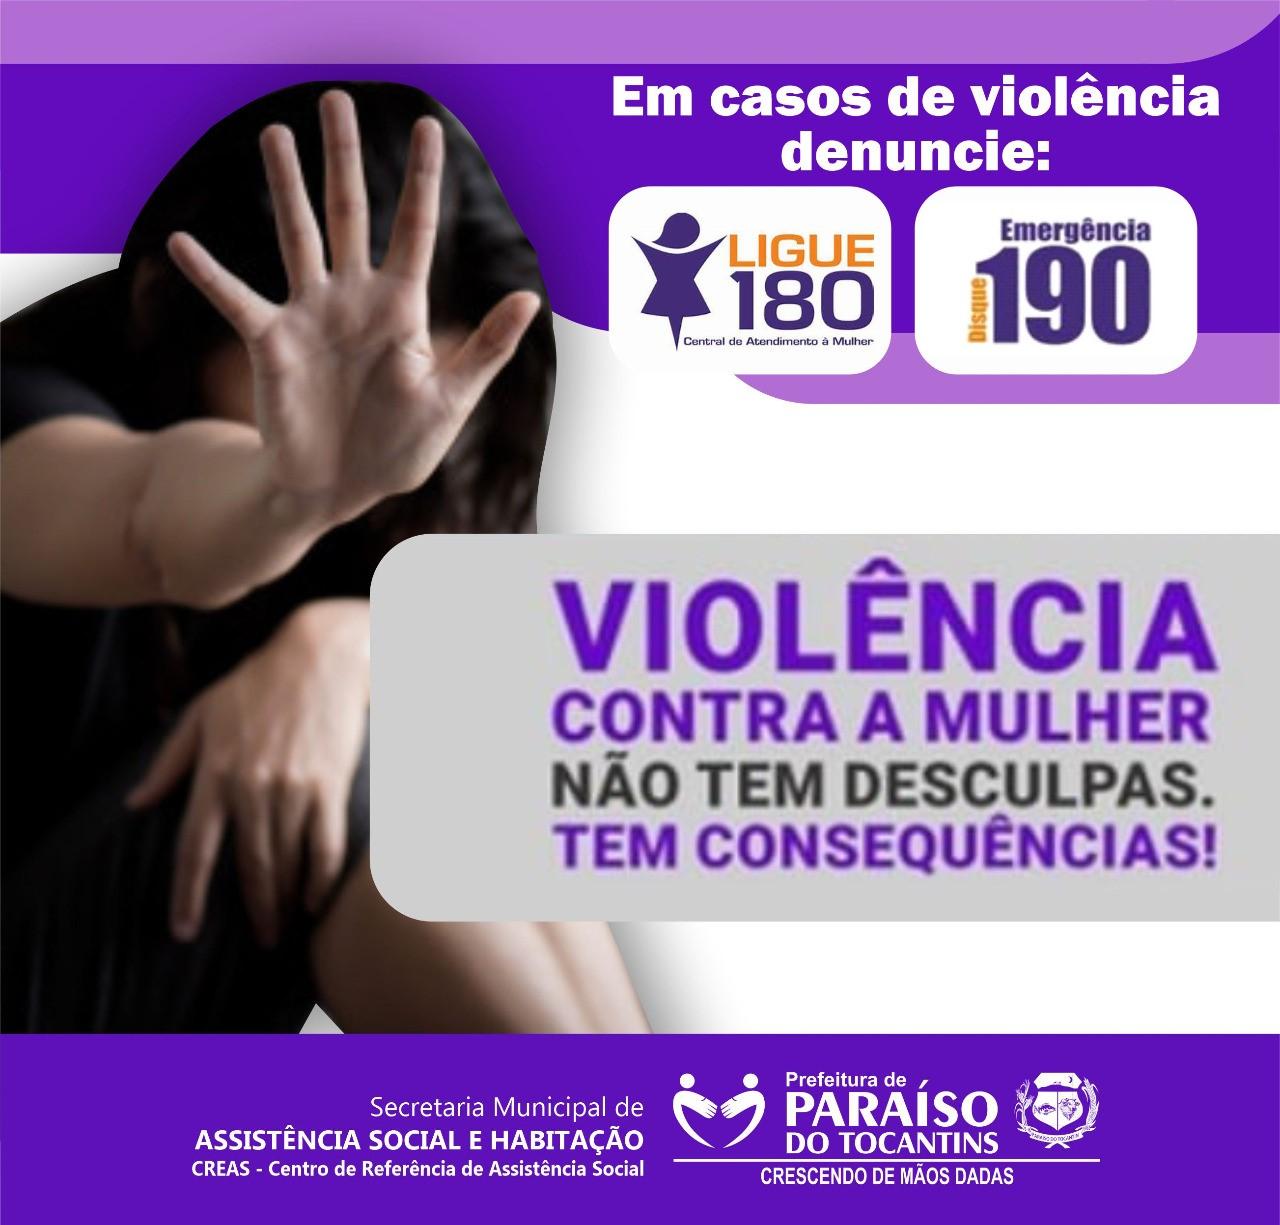 CREAS de Paraíso em alerta no combate à violência contra a mulher